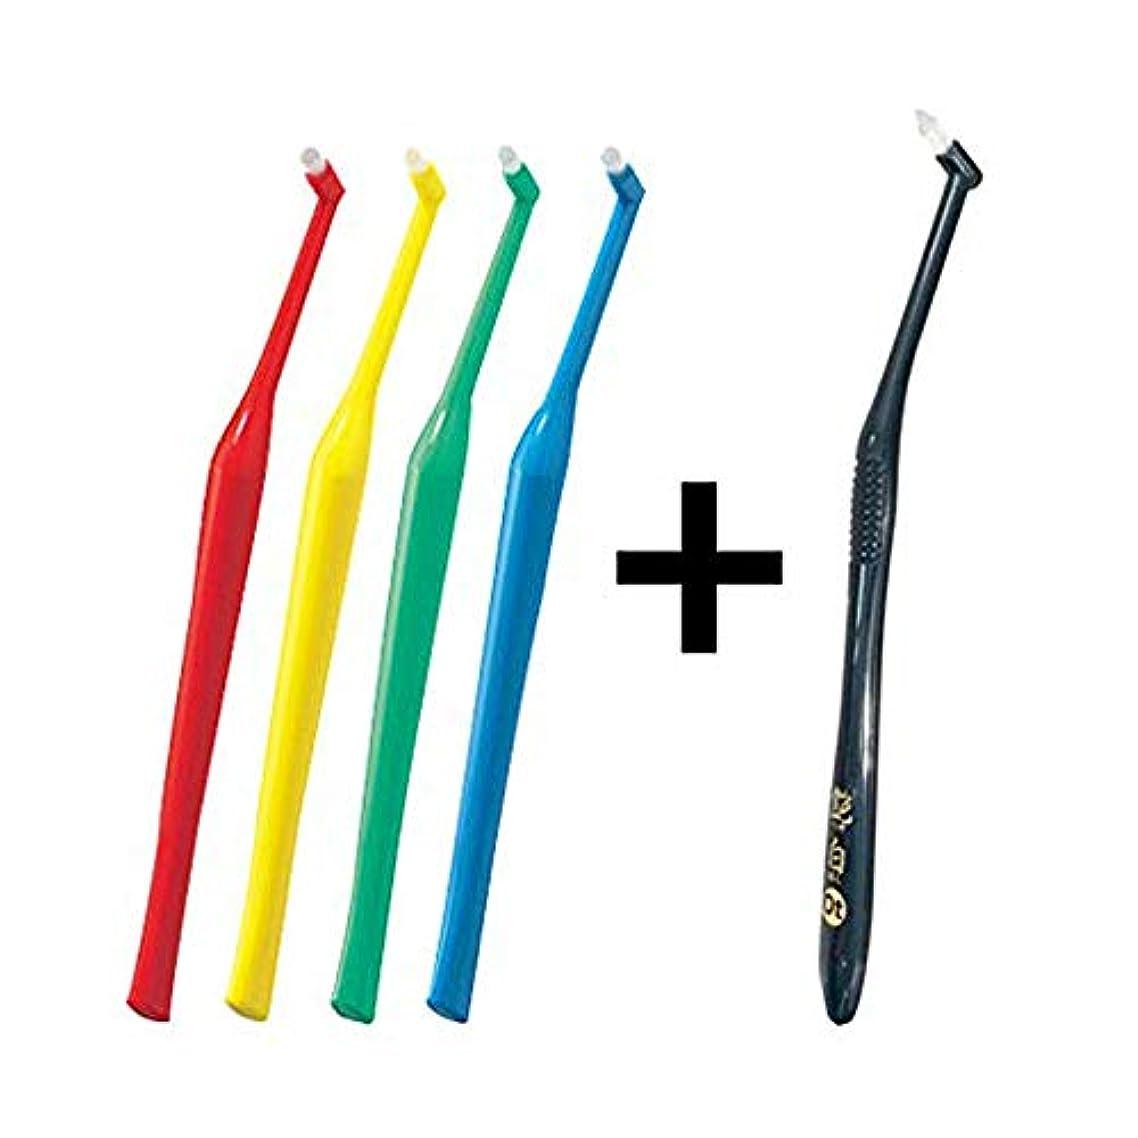 凝縮する裏切り崩壊プラウト Plaut × 4本 アソート (S(ソフト))+艶白ワンタフト 歯ブラシ 1本 SS(とてもやわらかめ)